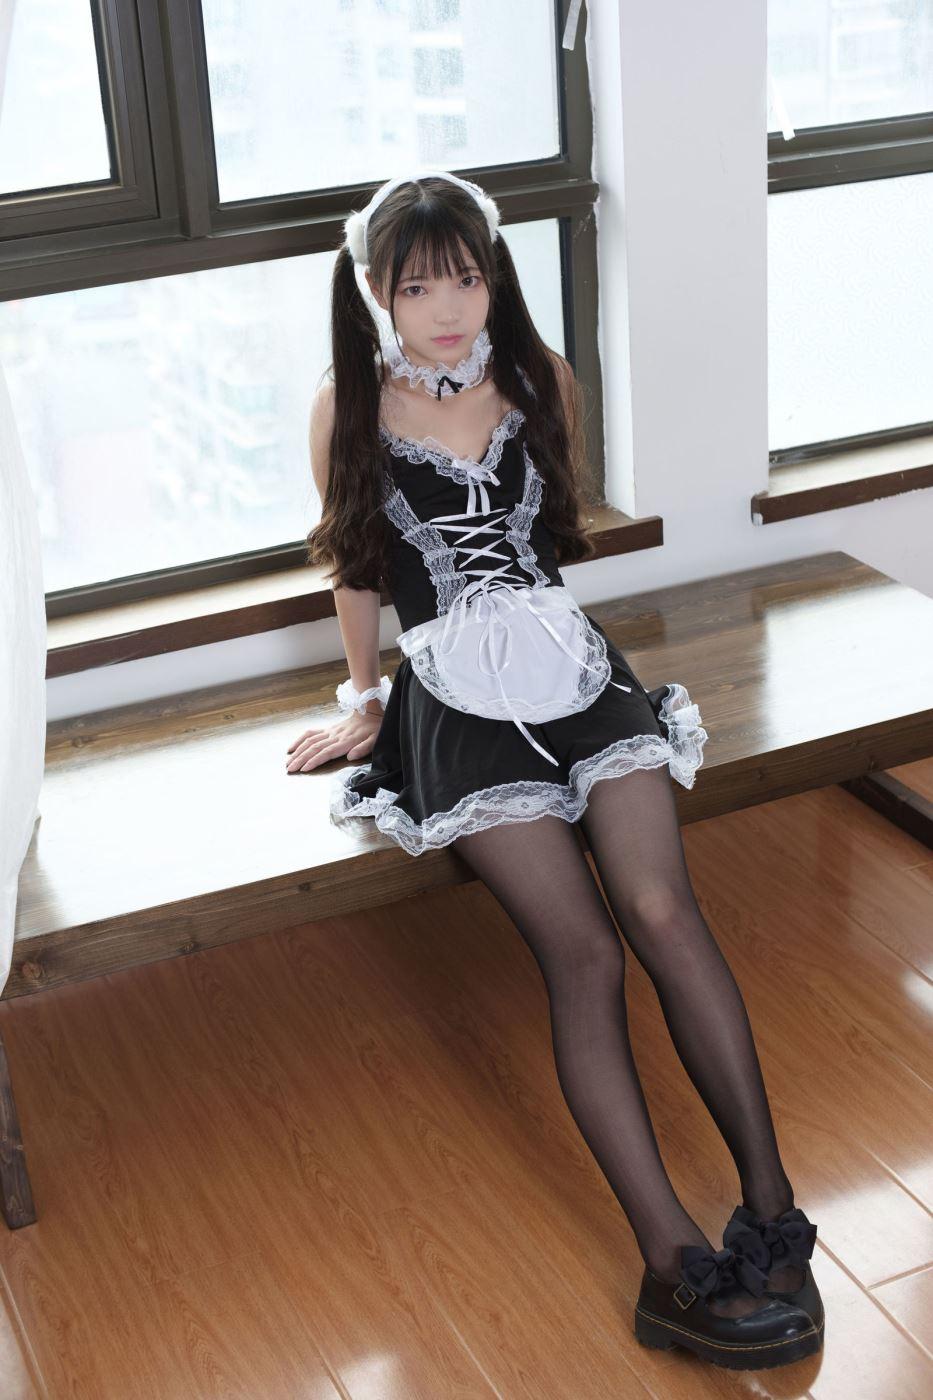 森萝财团性感女仆美女黑丝大长腿萝莉丝袜诱惑私房照